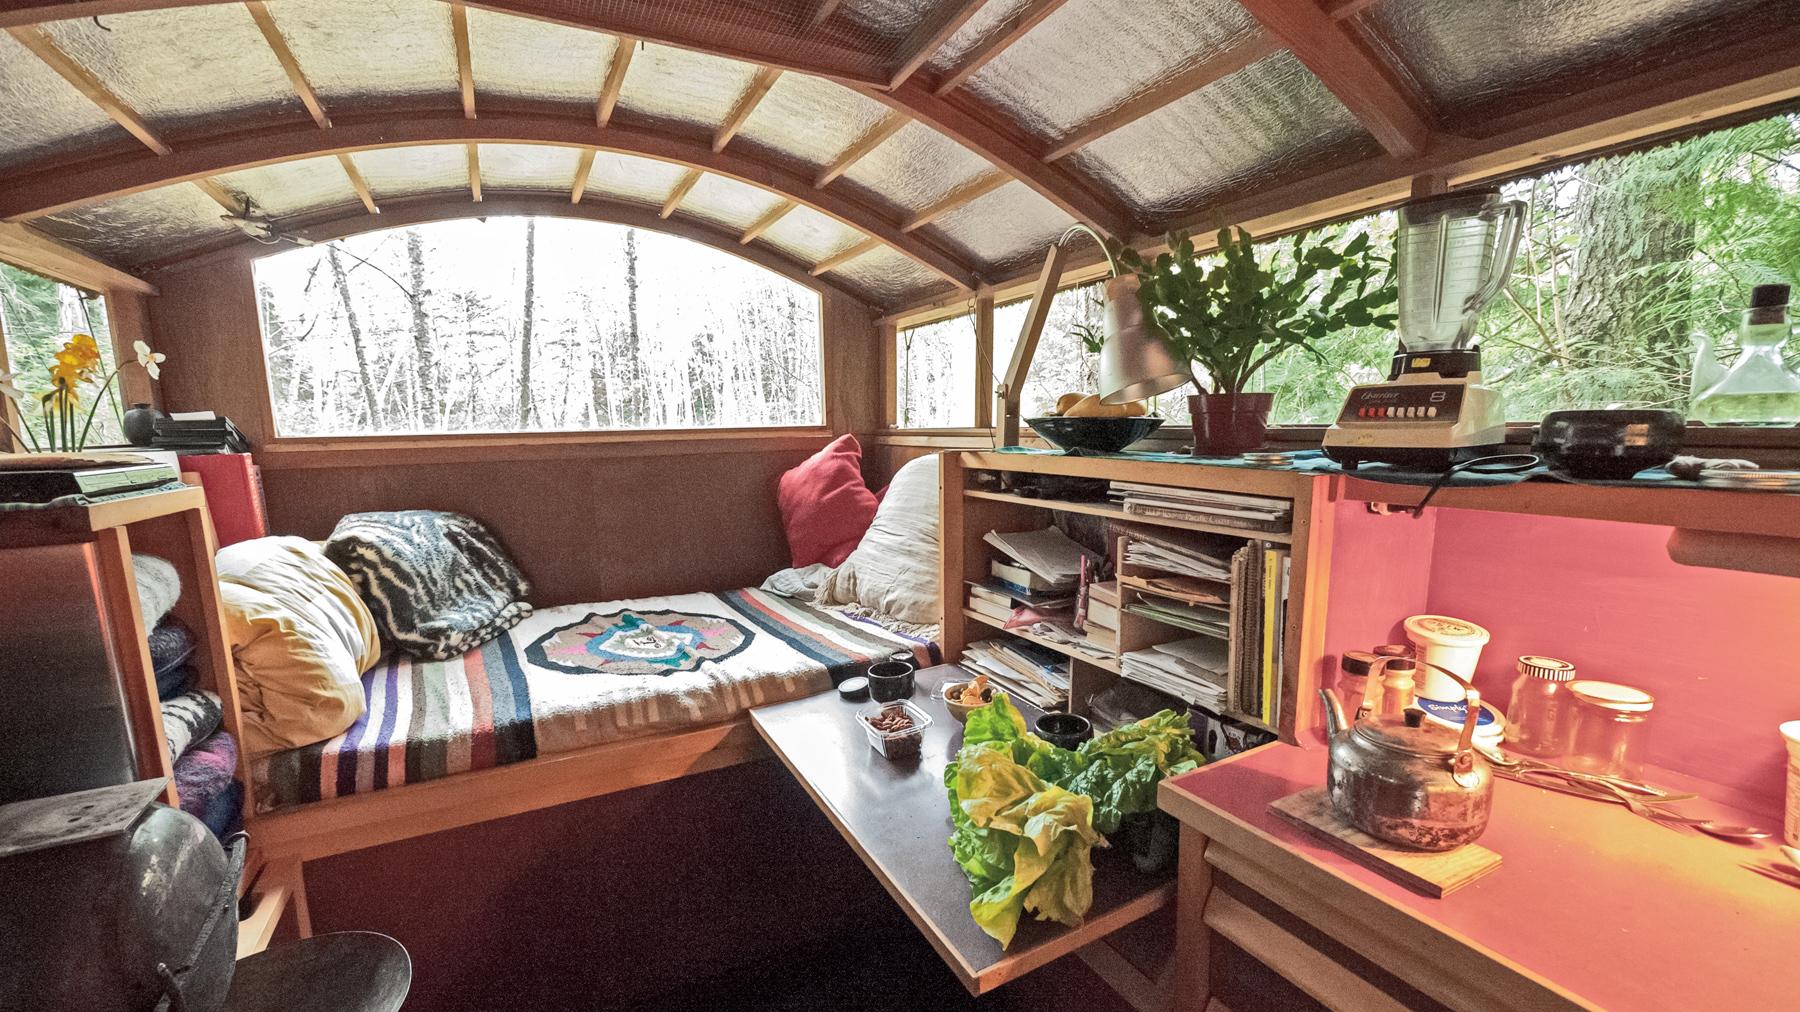 Lloyd House's Van